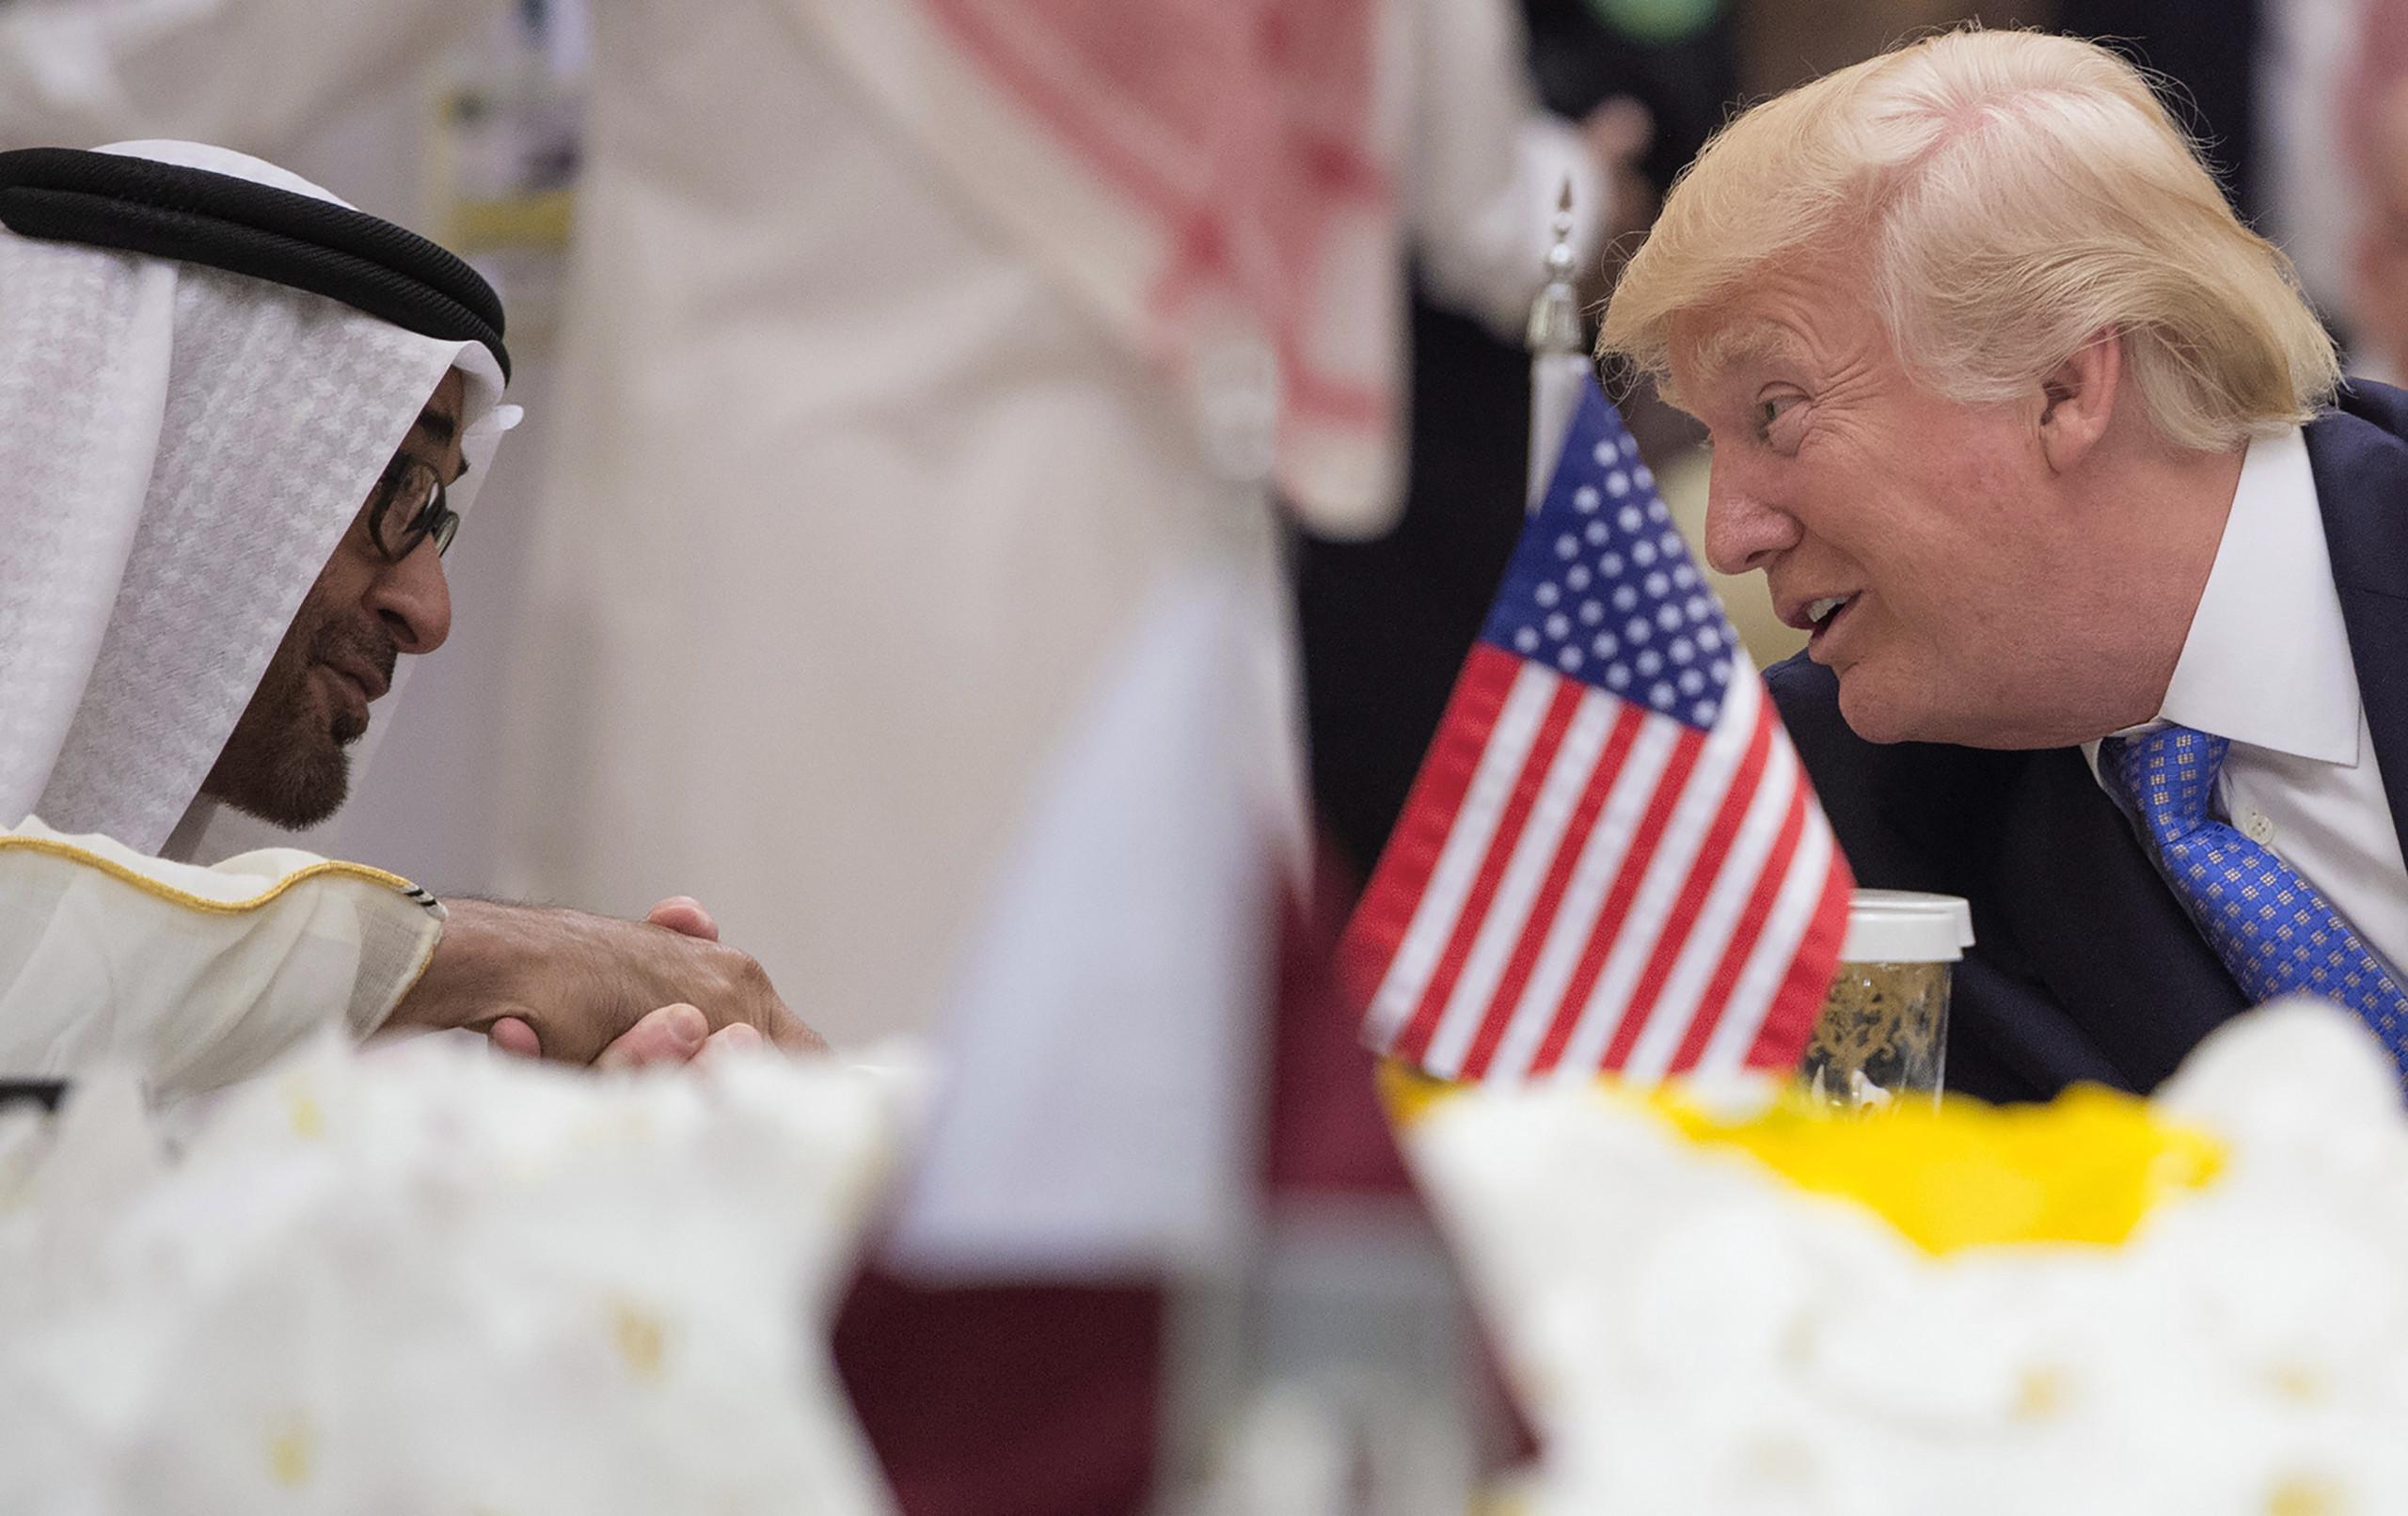 محمد بن زايد: قمة الرياض انطلاقة جديدة في العلاقات الأمريكية- الخليجية